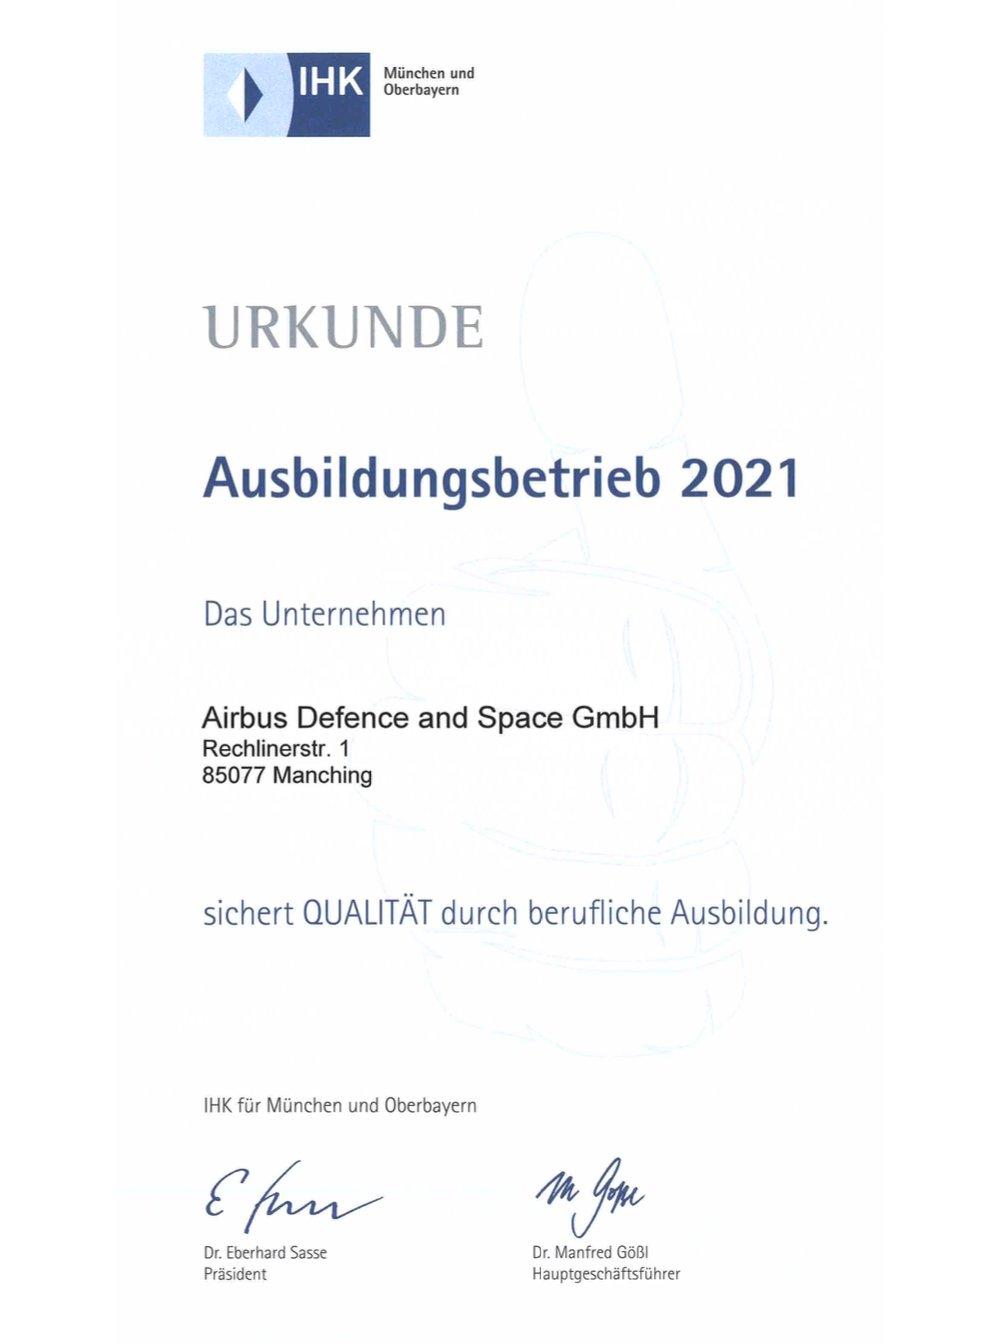 IHK 2021